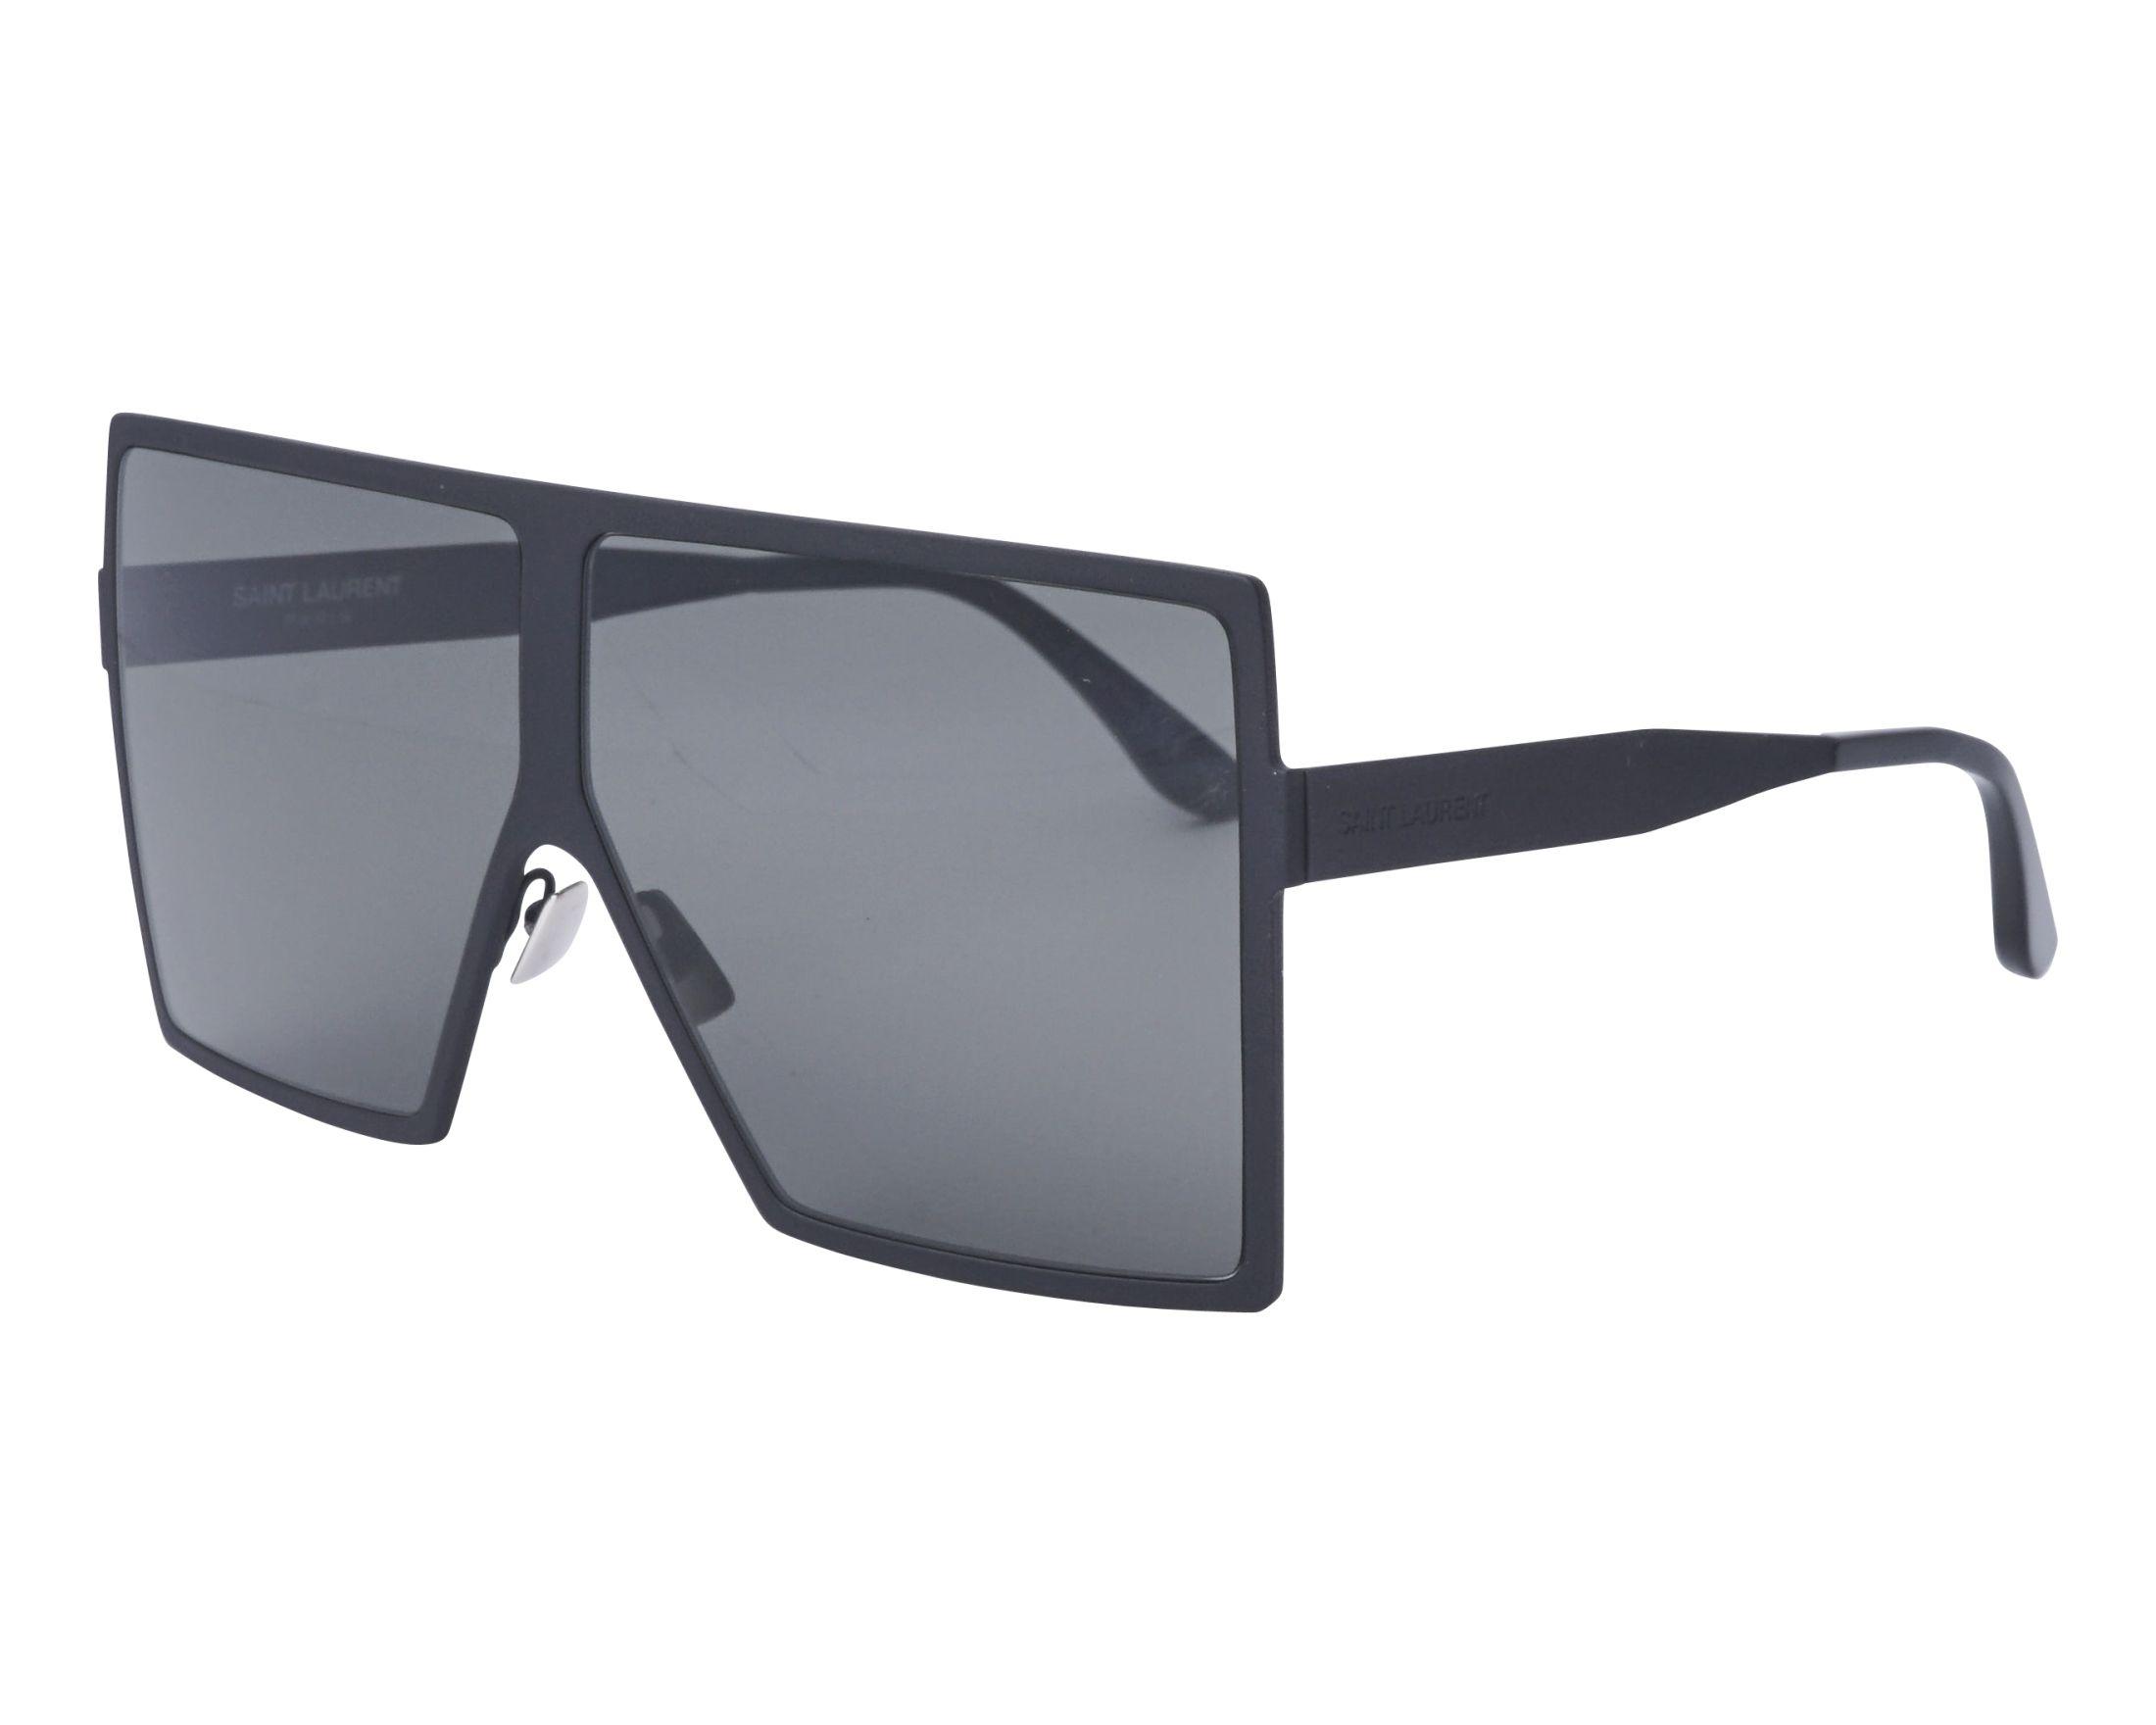 ce29cacf10 Gafas de sol Yves Saint Laurent SL-182 001 63-6 Negra vista de